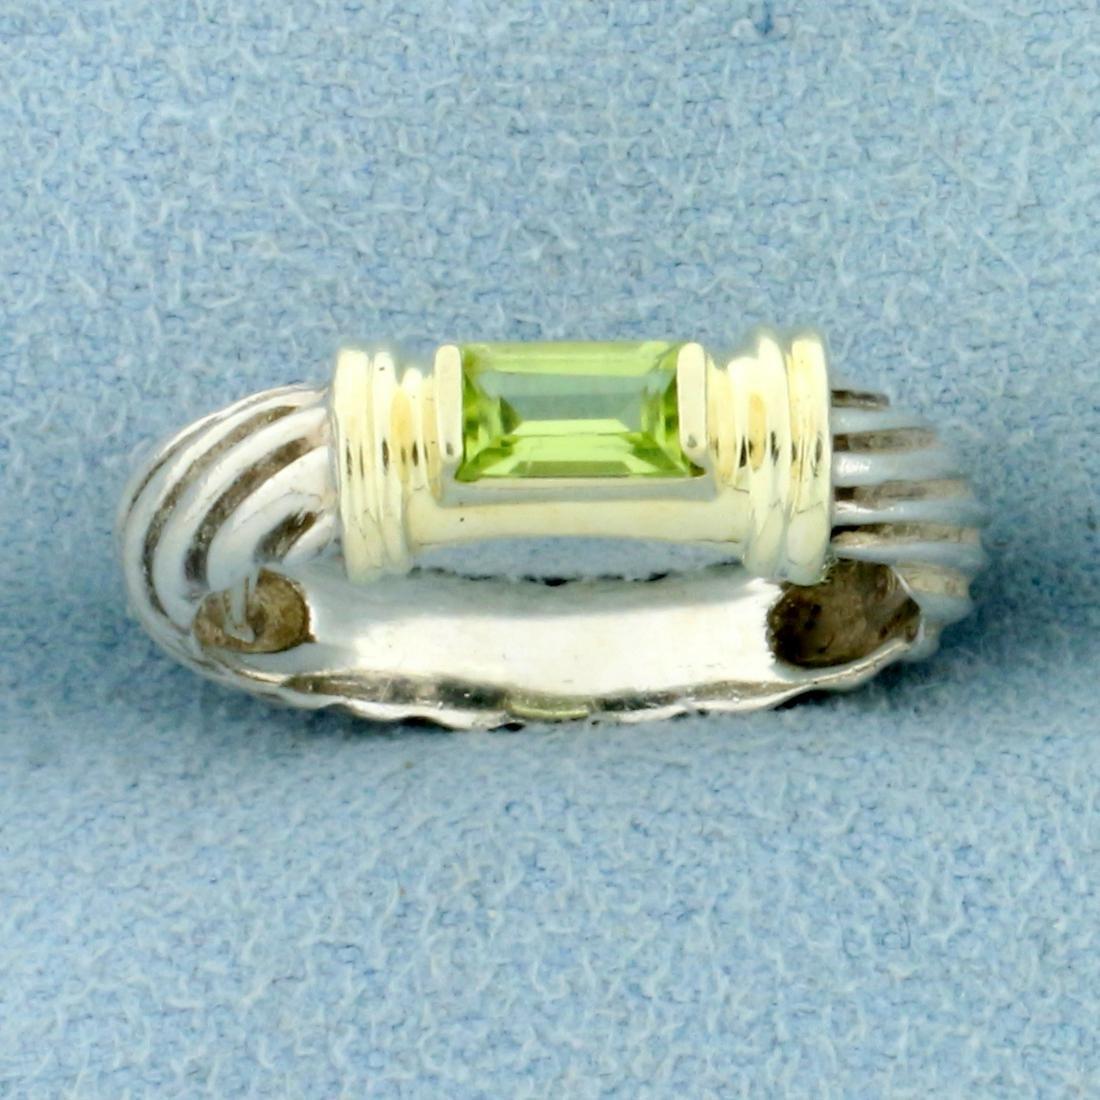 David Yurman Peridot Ring in 14k Yellow Gold and